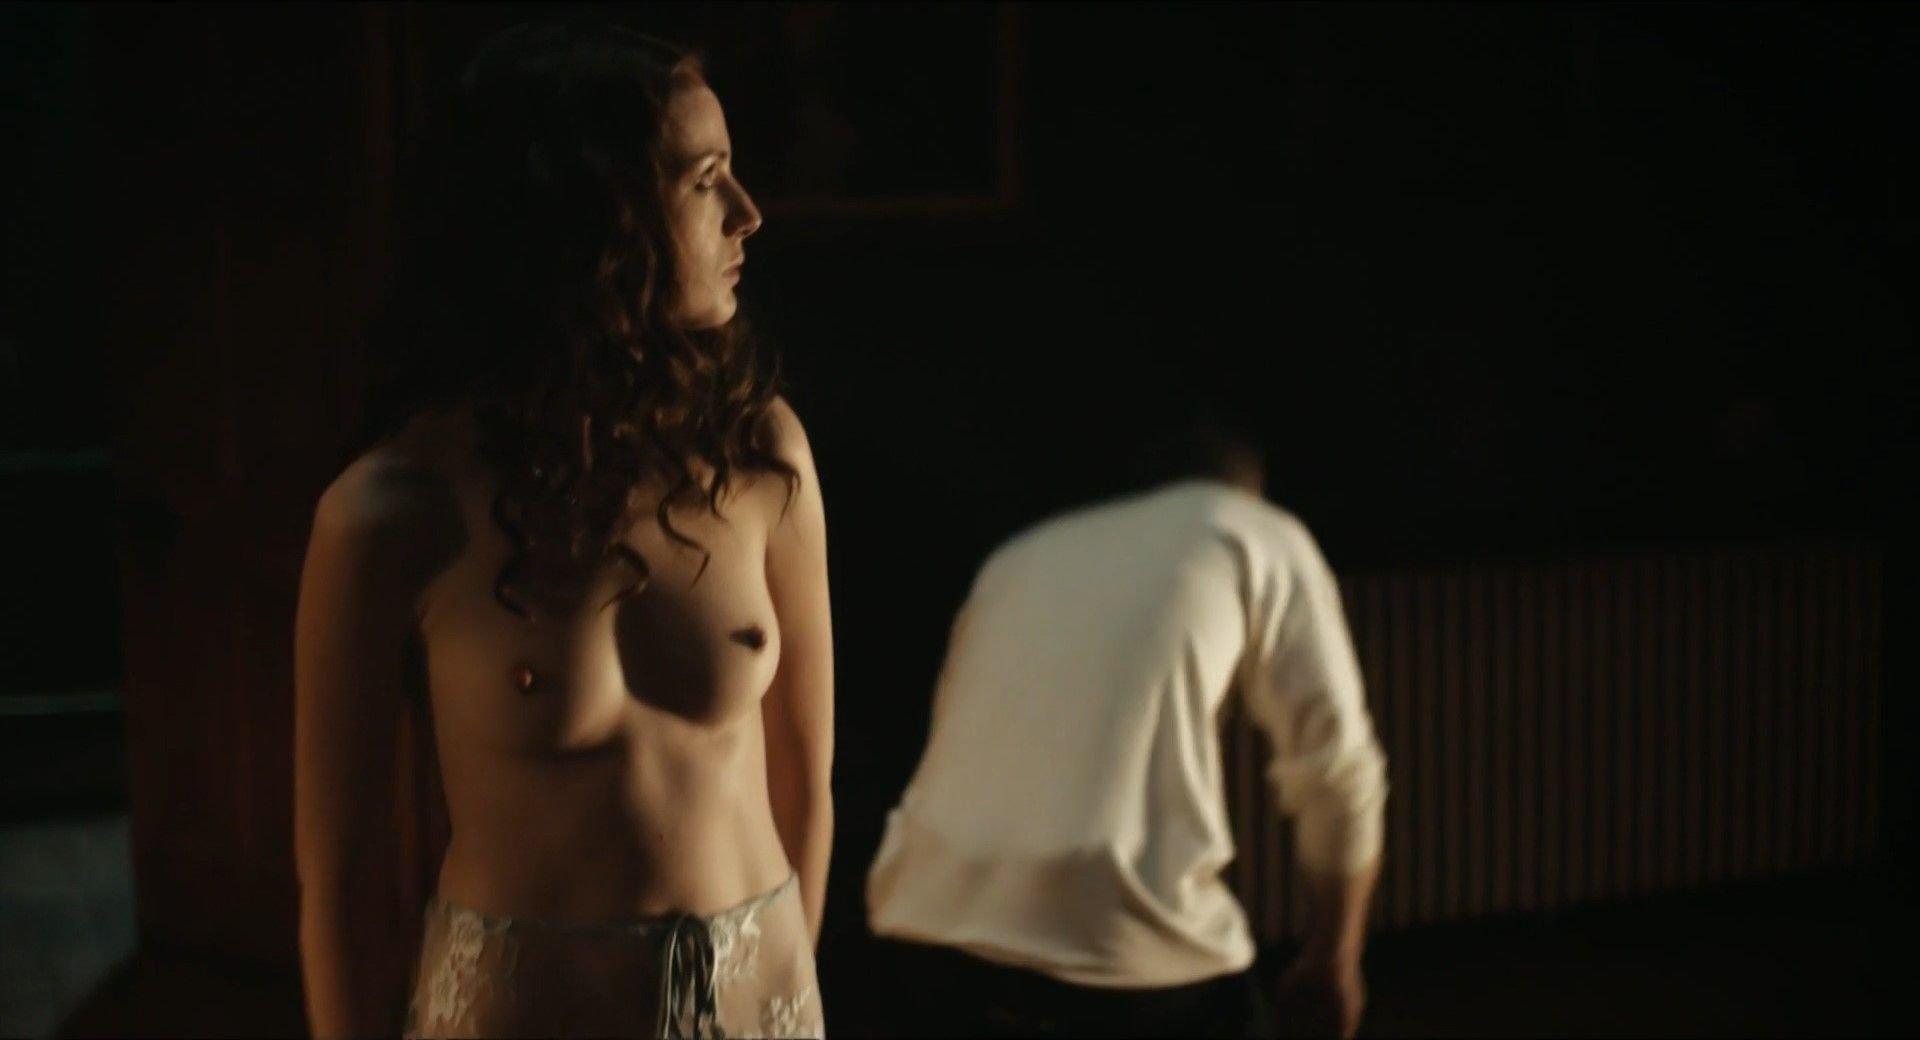 Gaite jansen nude